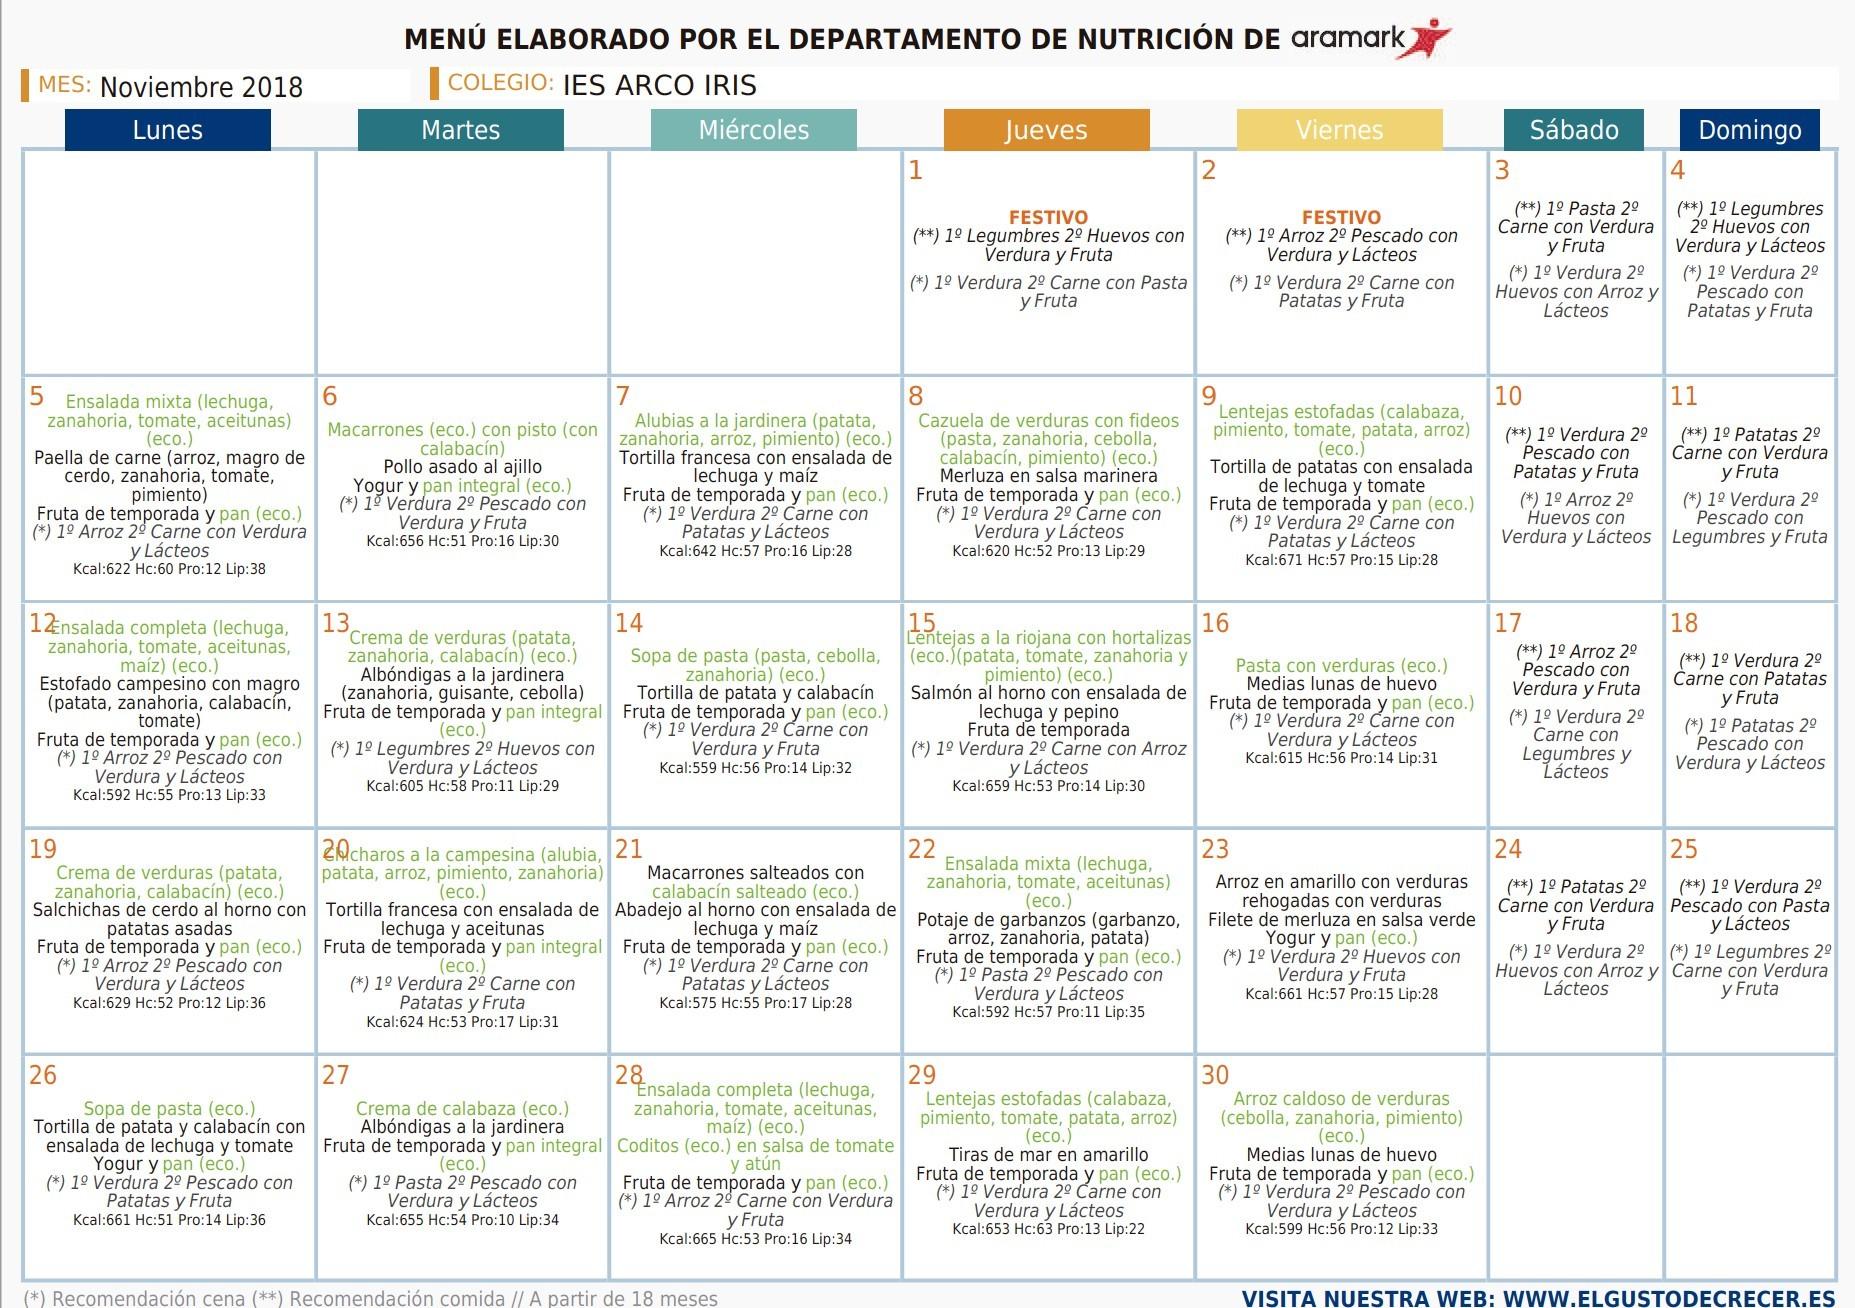 calendario 2019 andalucia sevilla mas recientes great menu edor s menu del edor colegio montpellier of calendario 2019 andalucia sevilla